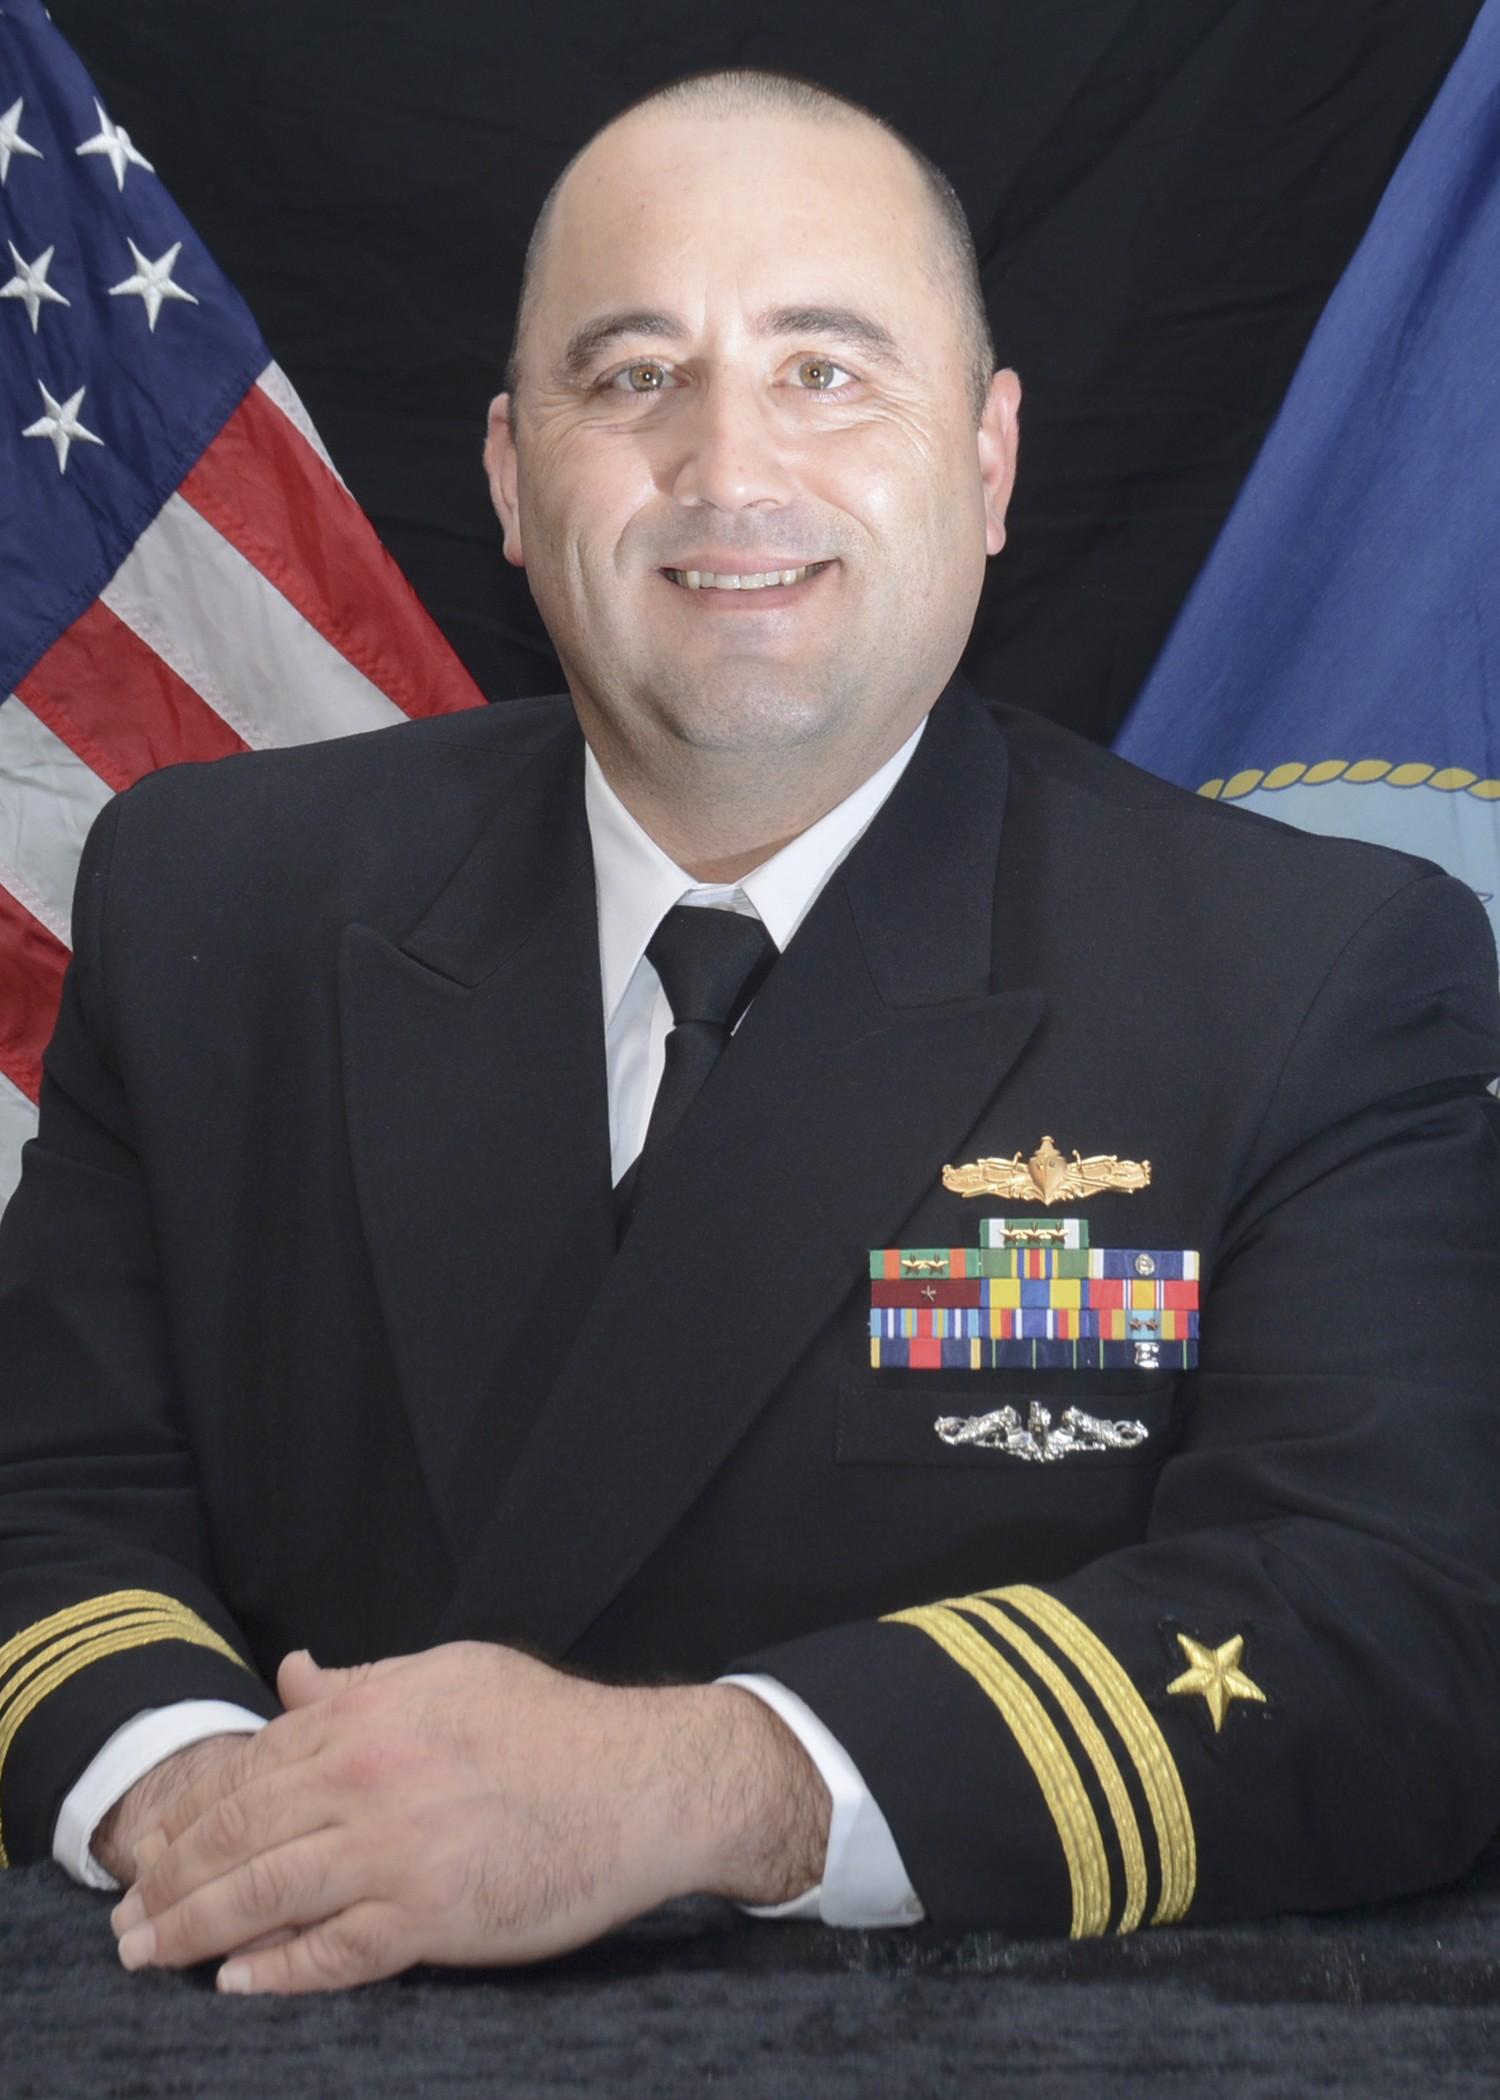 Portrait of LCDR Andrew Broyles in his navy uniform